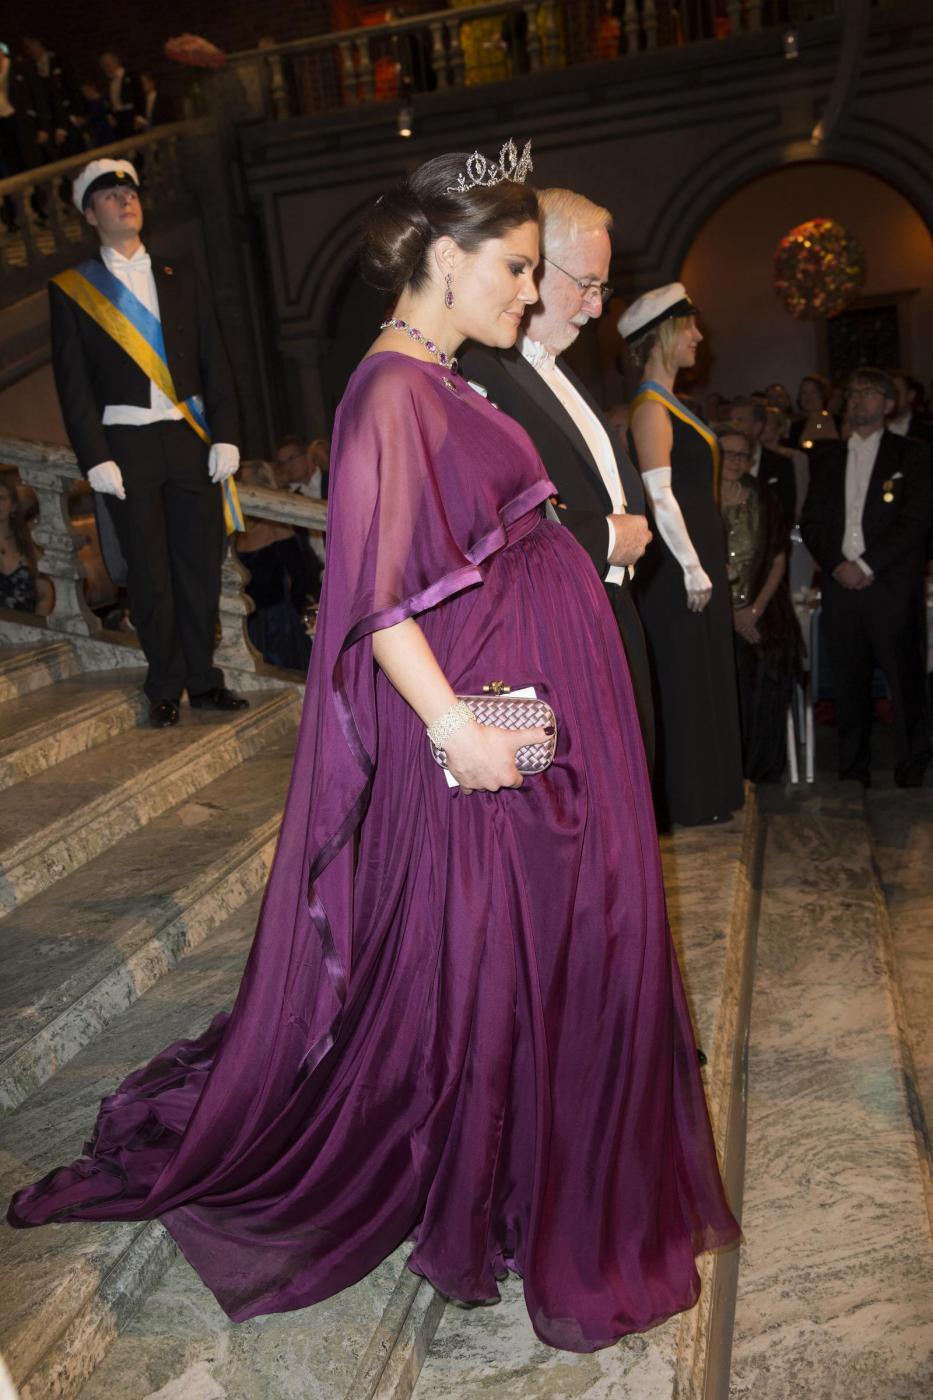 Nobel, principessa di Svezia incinta con abito a vita alta13